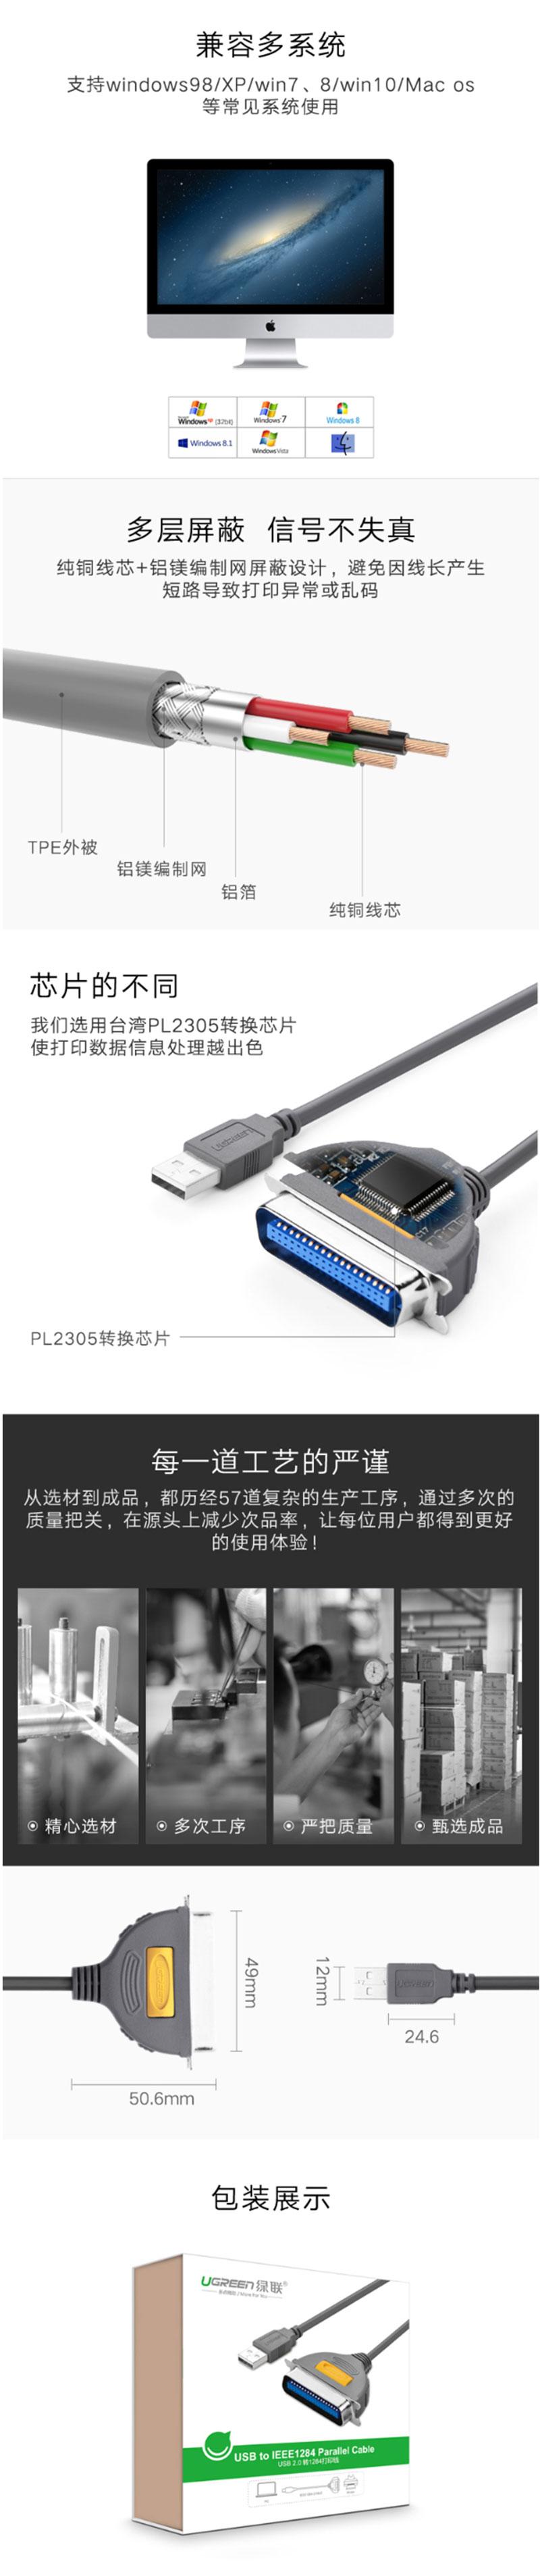 绿联20225 2米USB转IEEE1284并口